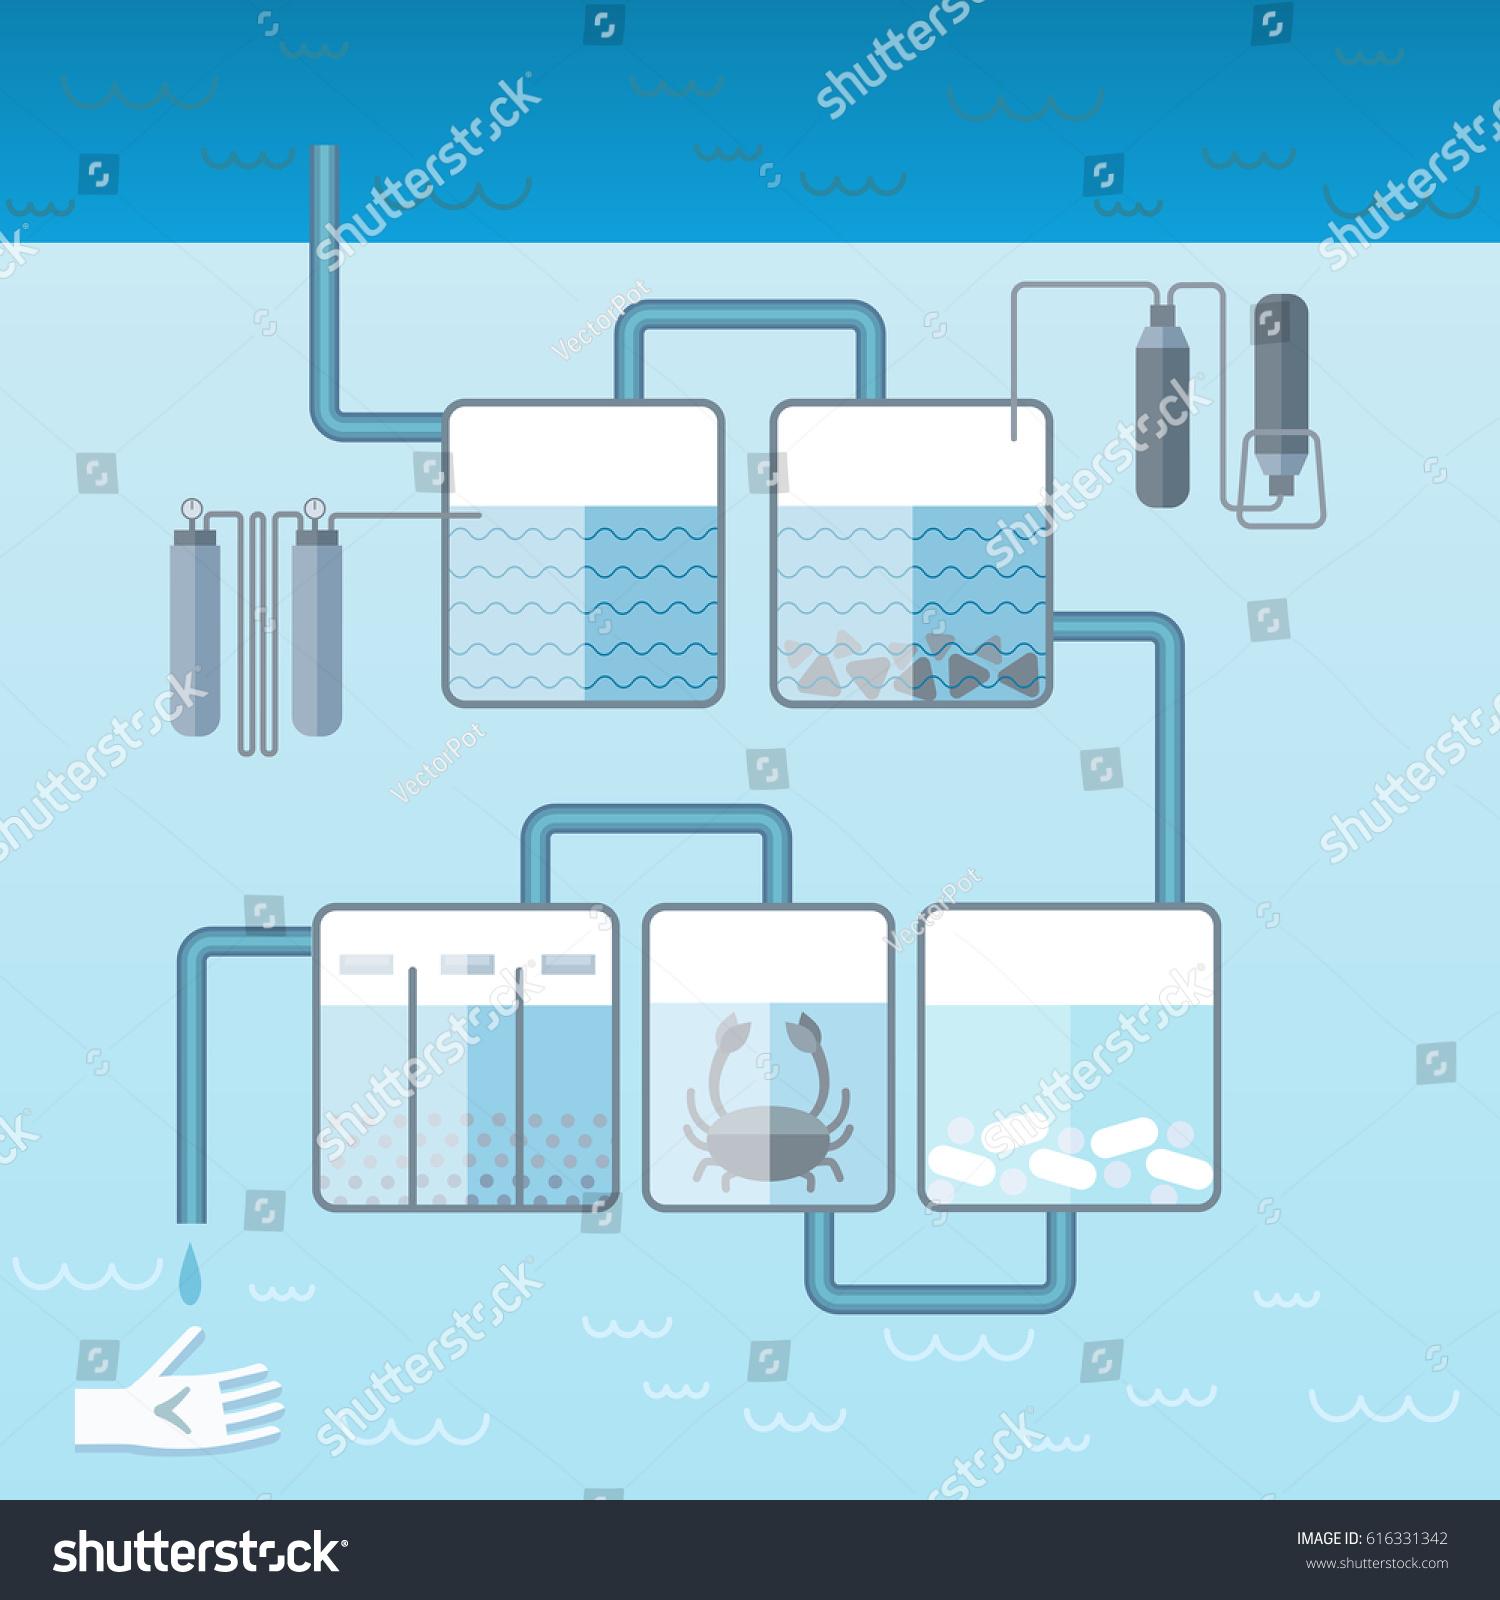 Liquid template filters 28 images npmtest liquid node gt gt 25 liquid template filters by npmtest liquid node gt gt 25 great liquid template filters maxwellsz